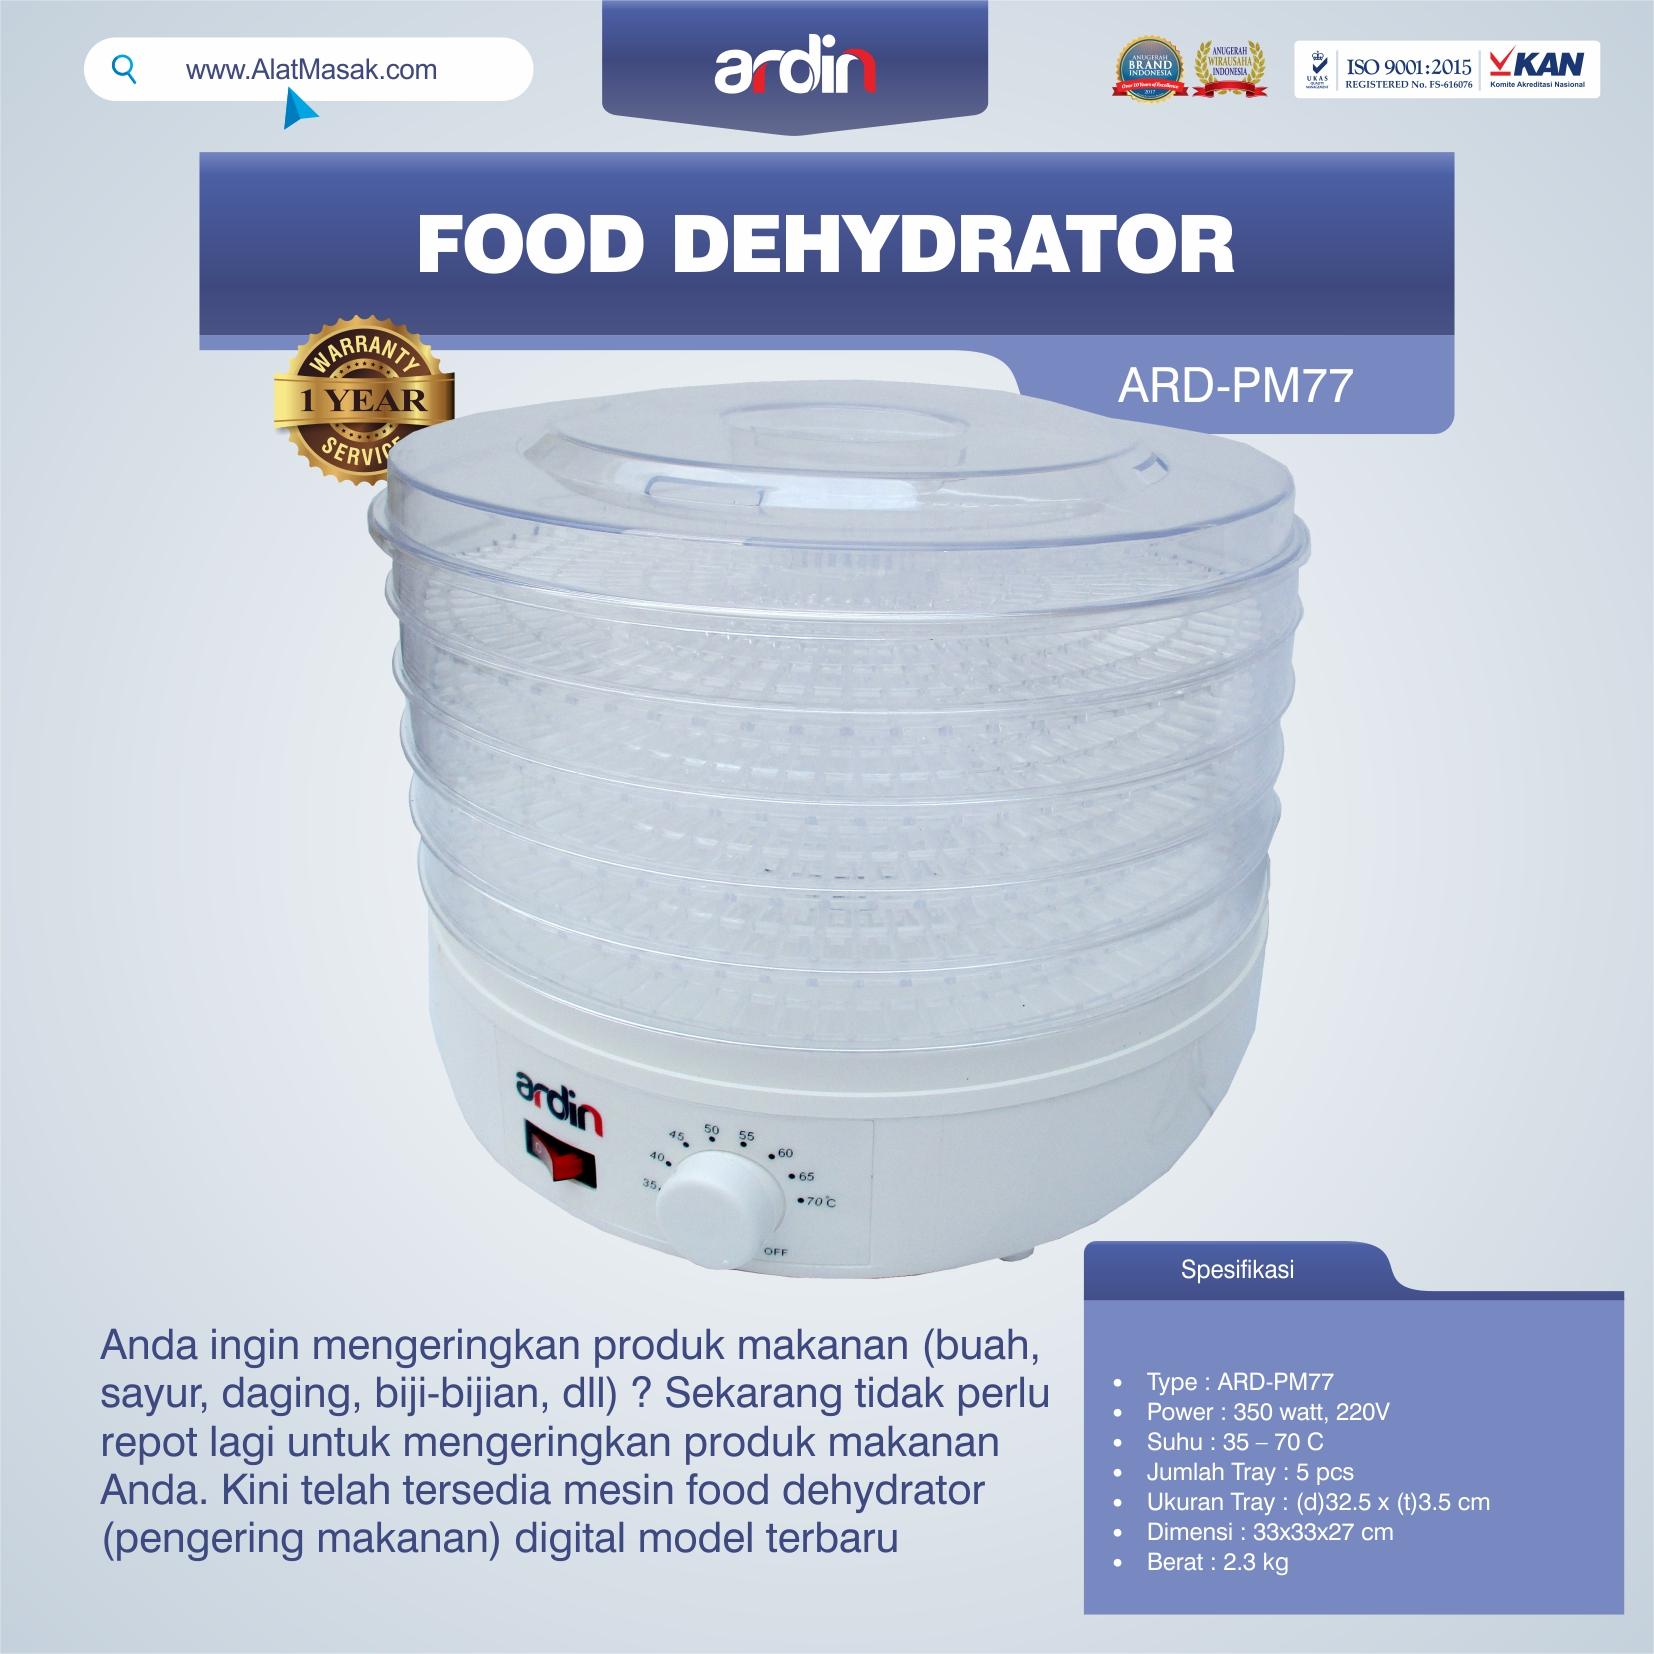 Jual Food Dehydrator ARD-PM77 di Bogor